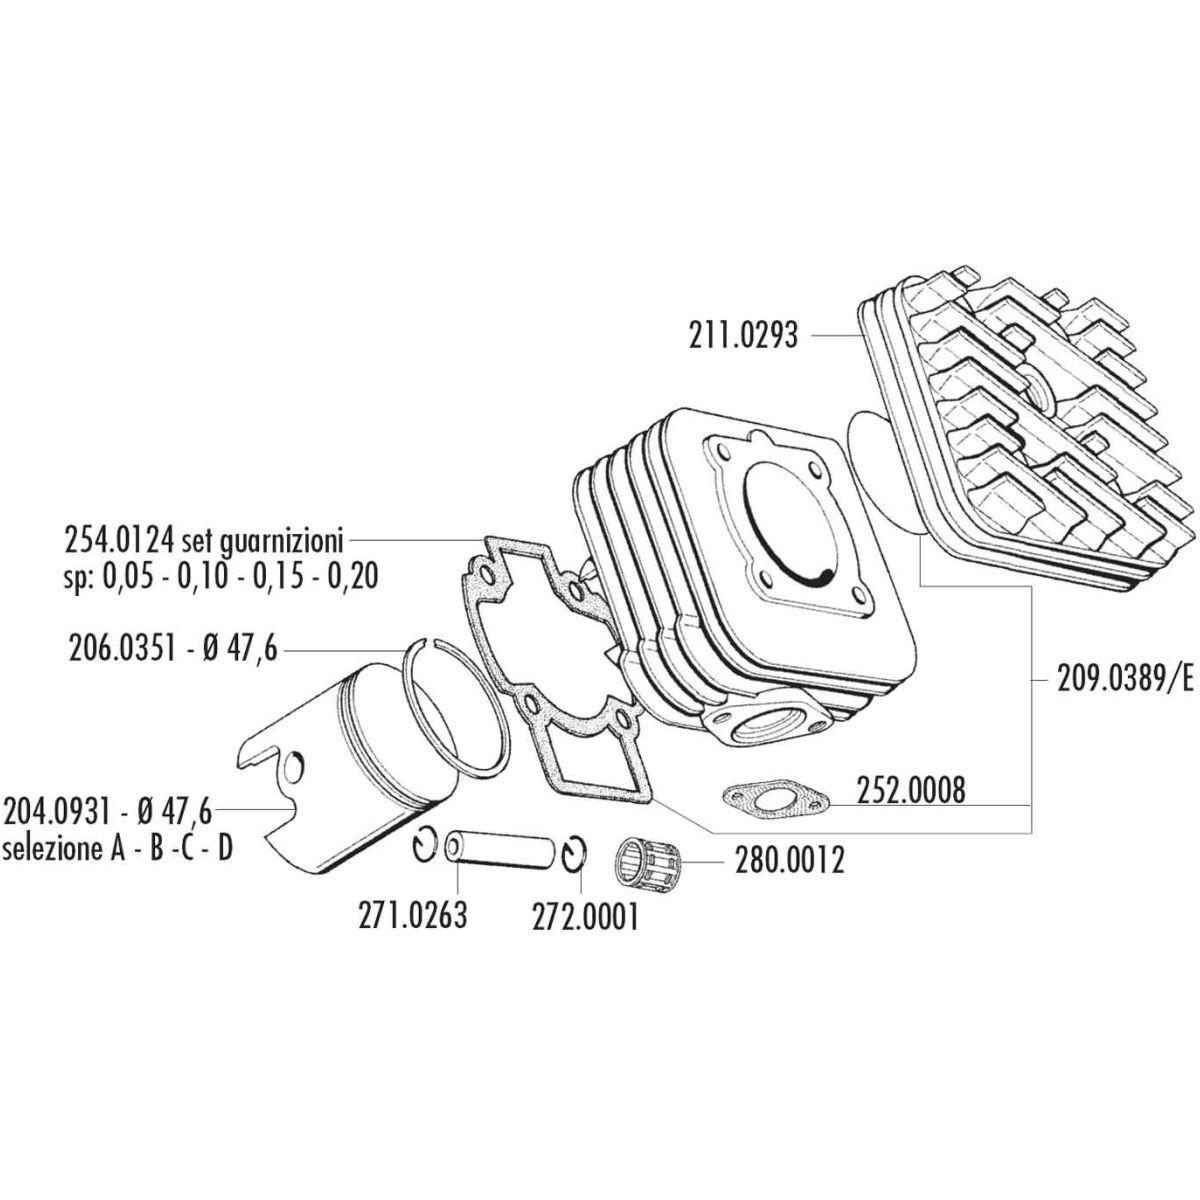 Spitronics Iron 4 Cylinder Wiring Diagram Polini 50cc Engine Diagram 2005 Wiring Diagram Of Spitronics Iron 4 Cylinder Wiring Diagram